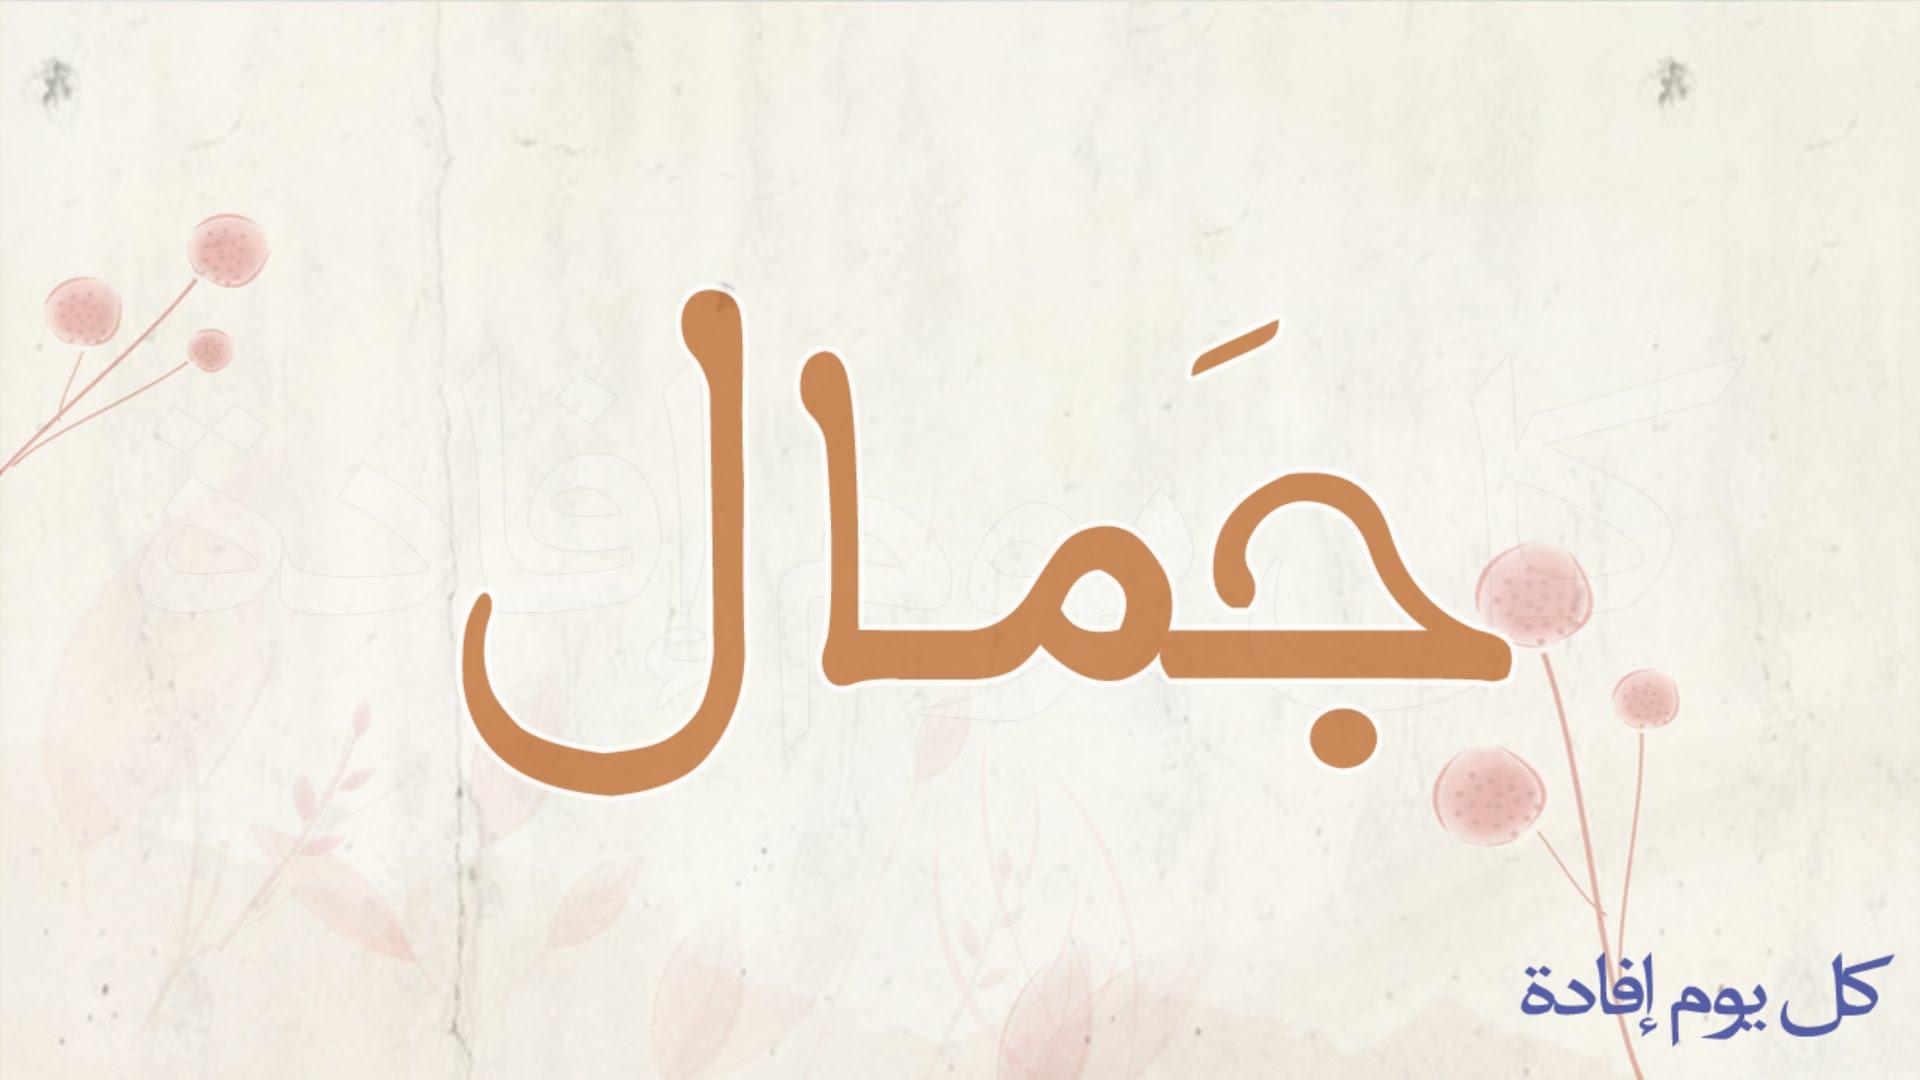 بالصور اسماء اولاد حلوه , صور اسماء اولاد حلوه 5711 3